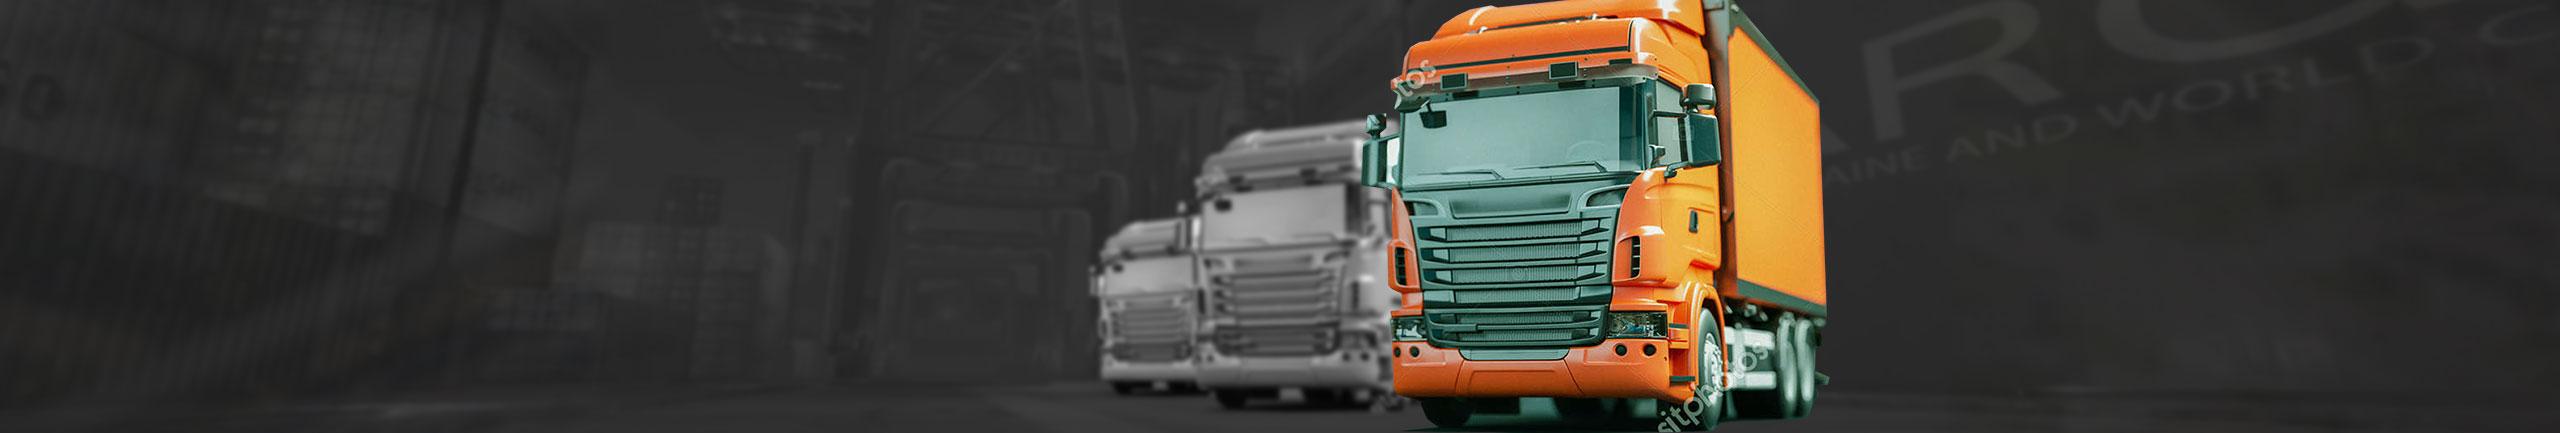 074c370faeb18 SP Equipamentos Rodoviários - O melhor em amarração para sua carga!